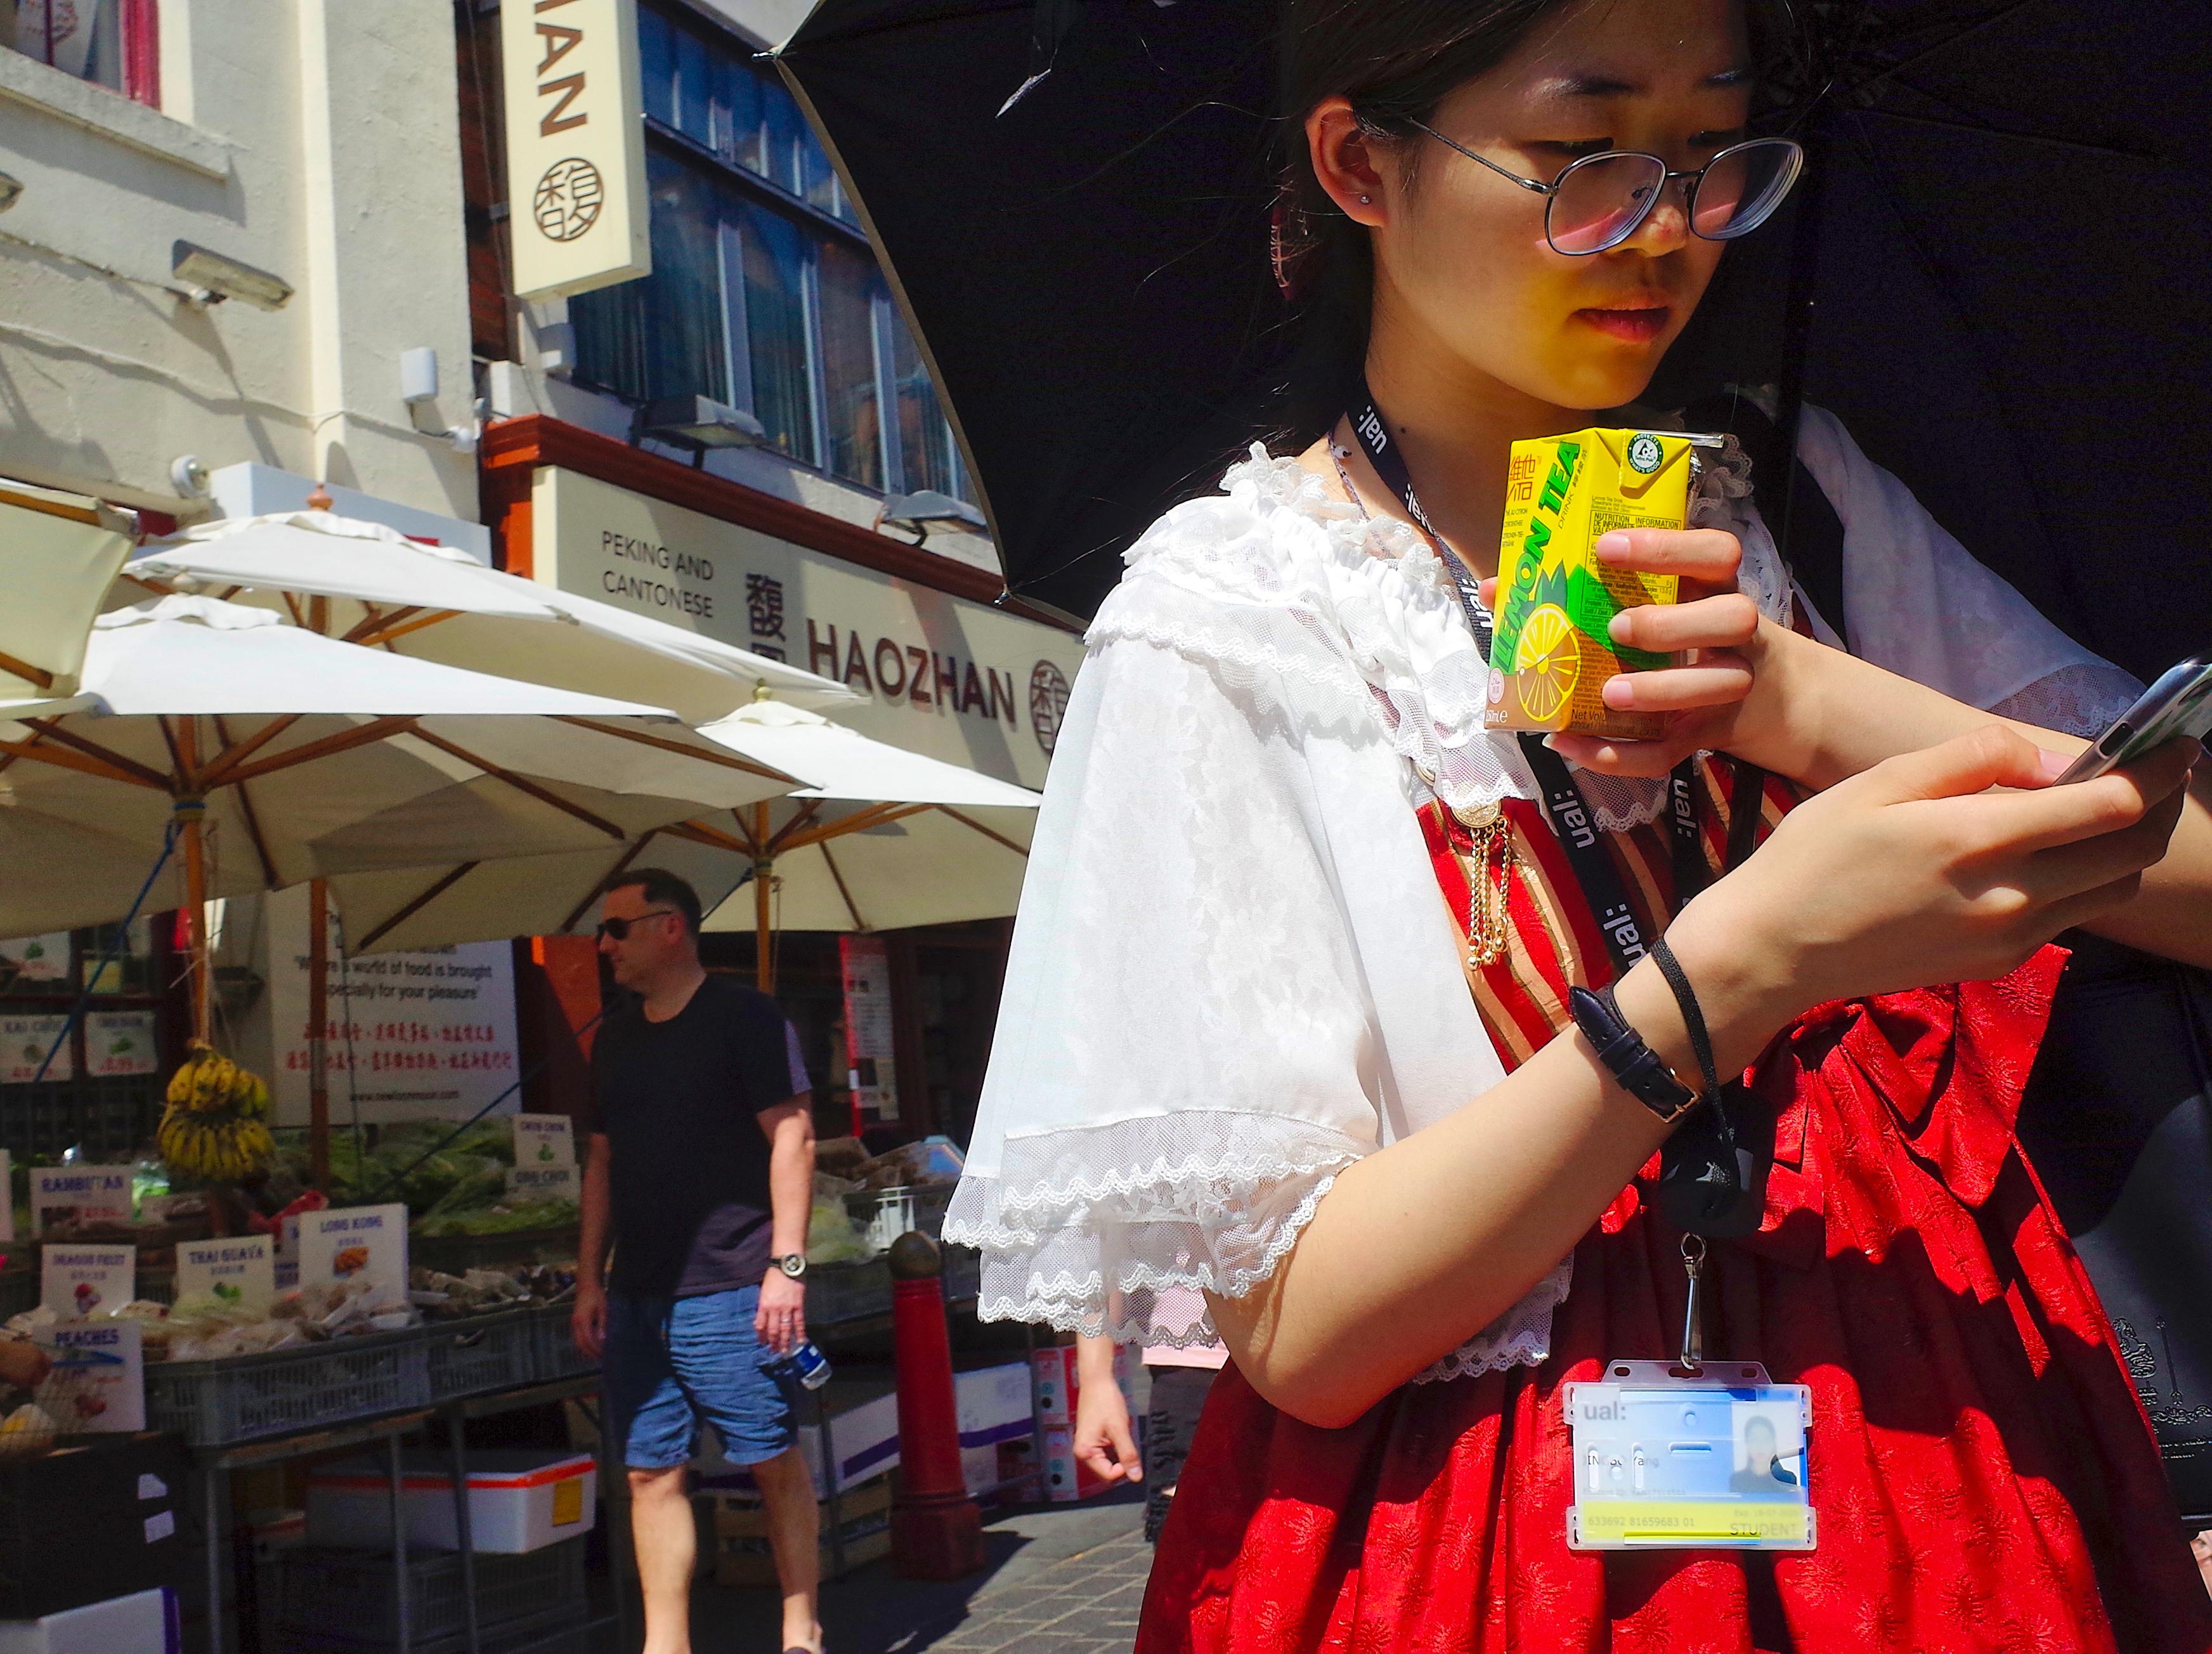 Chinatown, London, June 2017